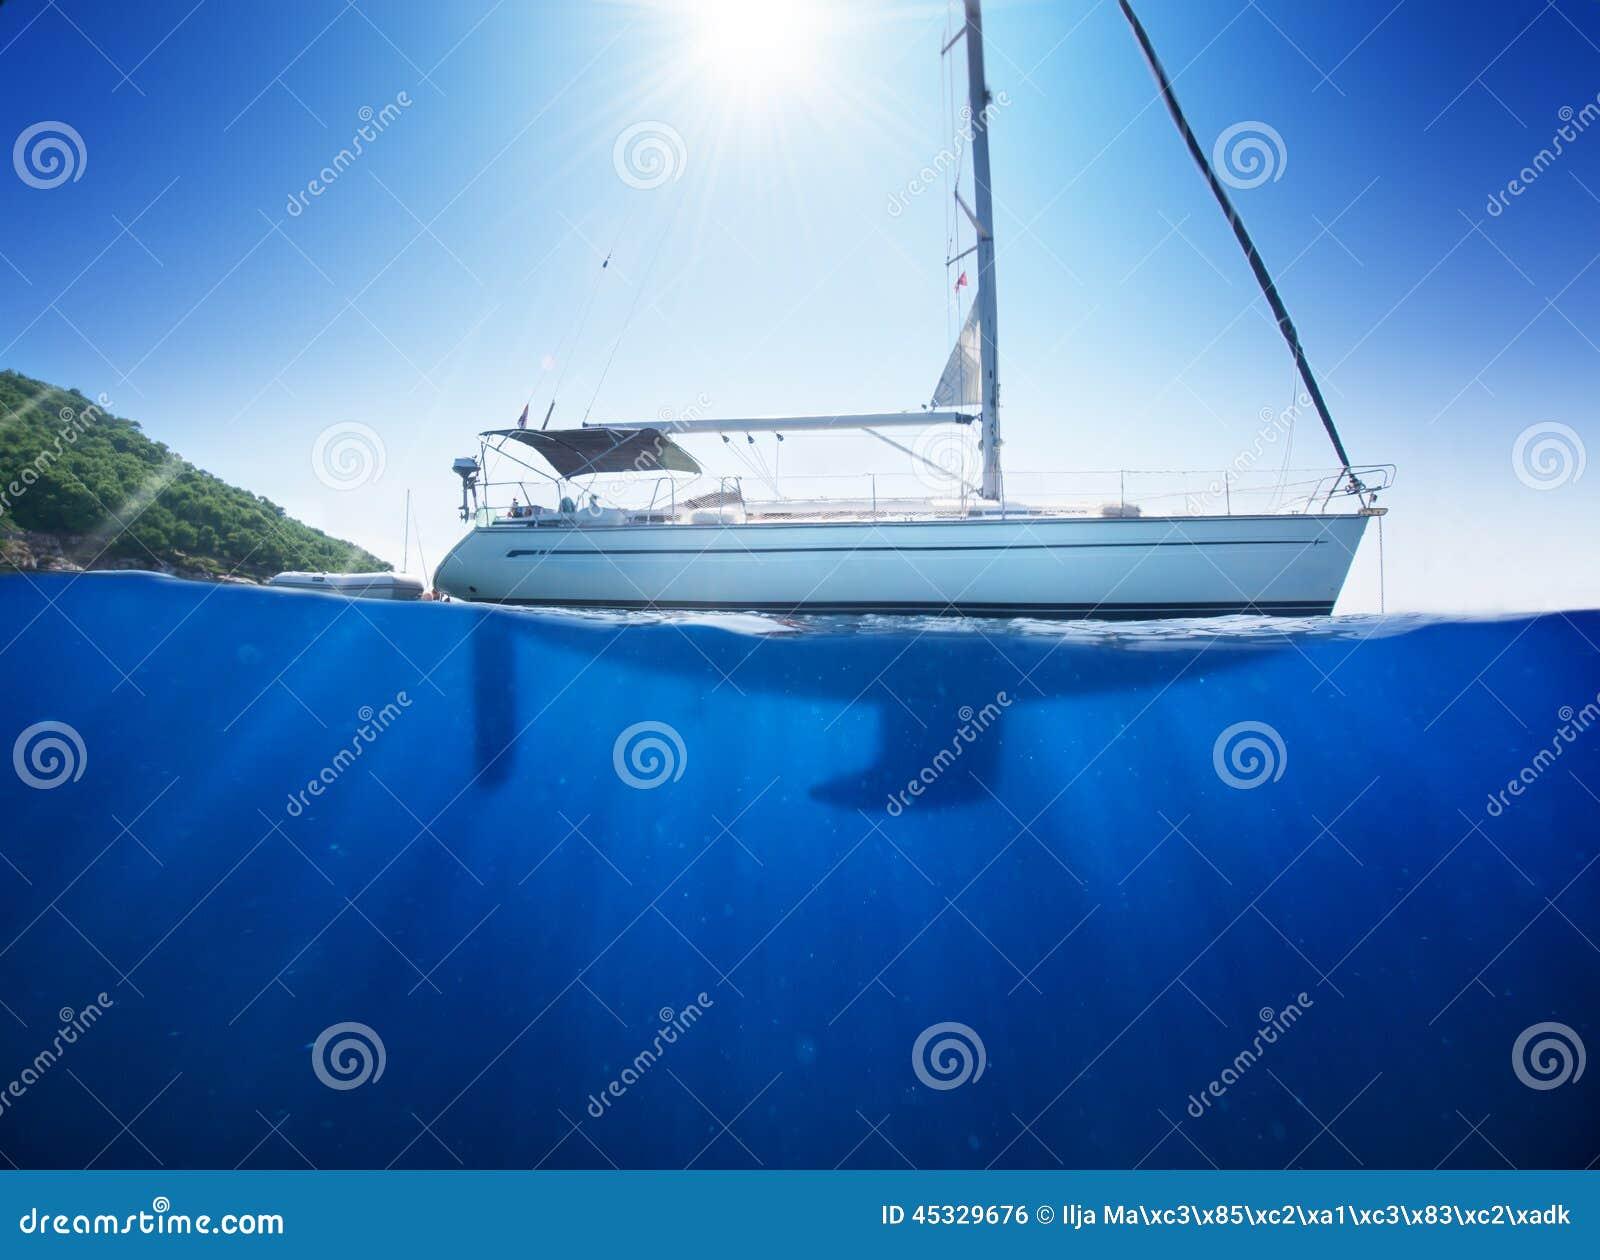 Zadziwiający światła słonecznego seaview żaglówka w tropikalnym morzu z głębokim błękitem underneath splitted waterline